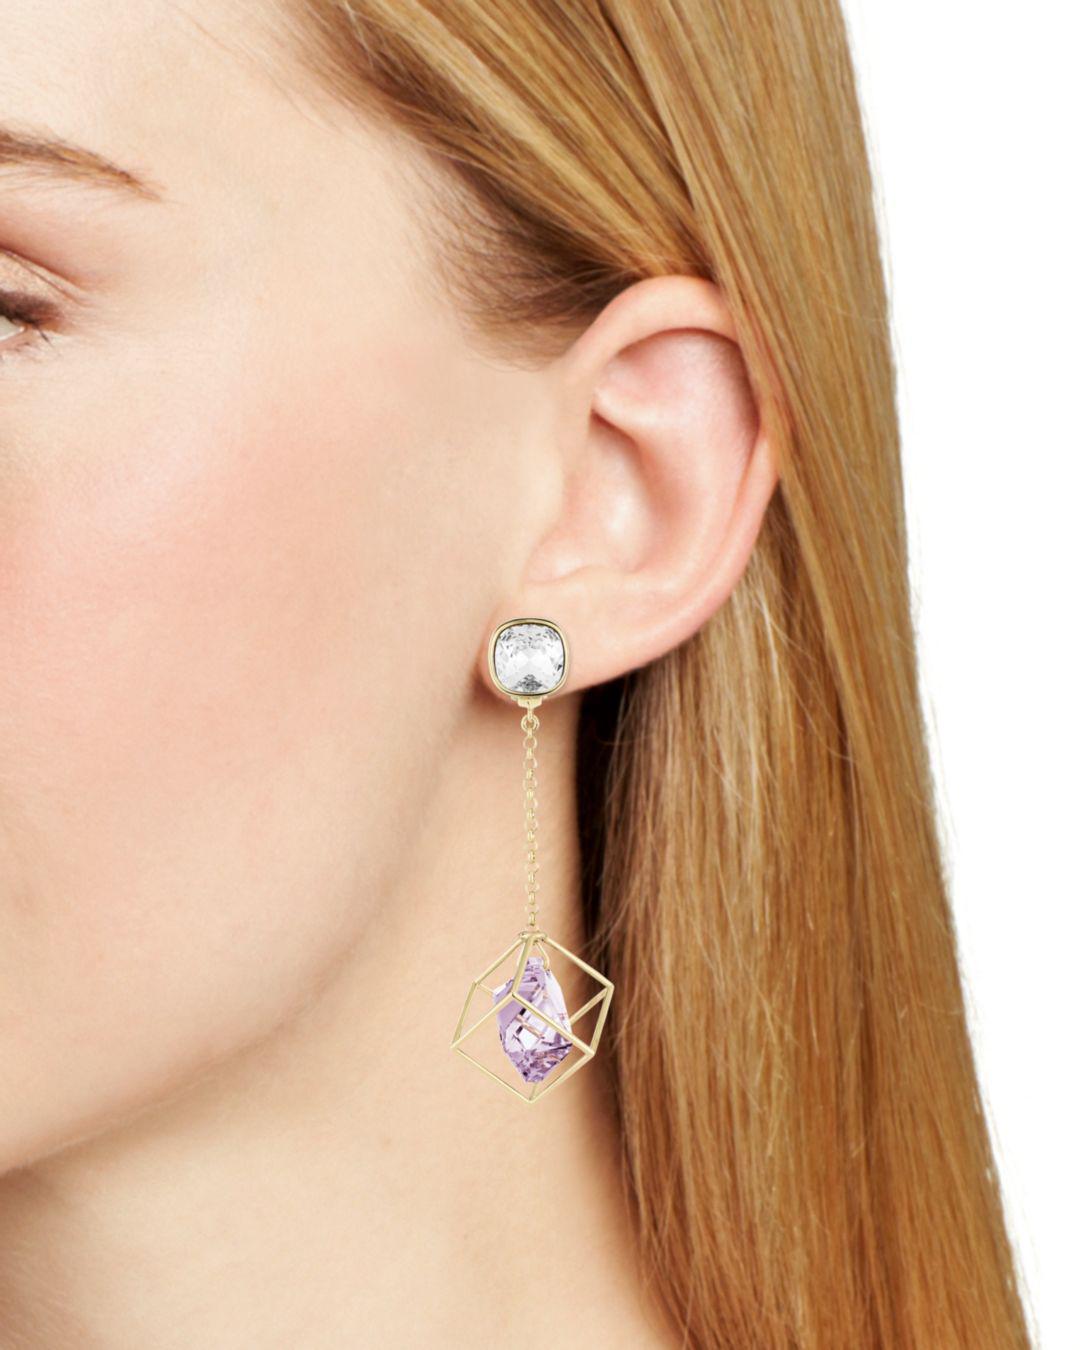 912bc269d93dd Lyst - Atelier Swarovski By Mary Katrantzou Nostalgia Pendant Drop Earrings  in Metallic